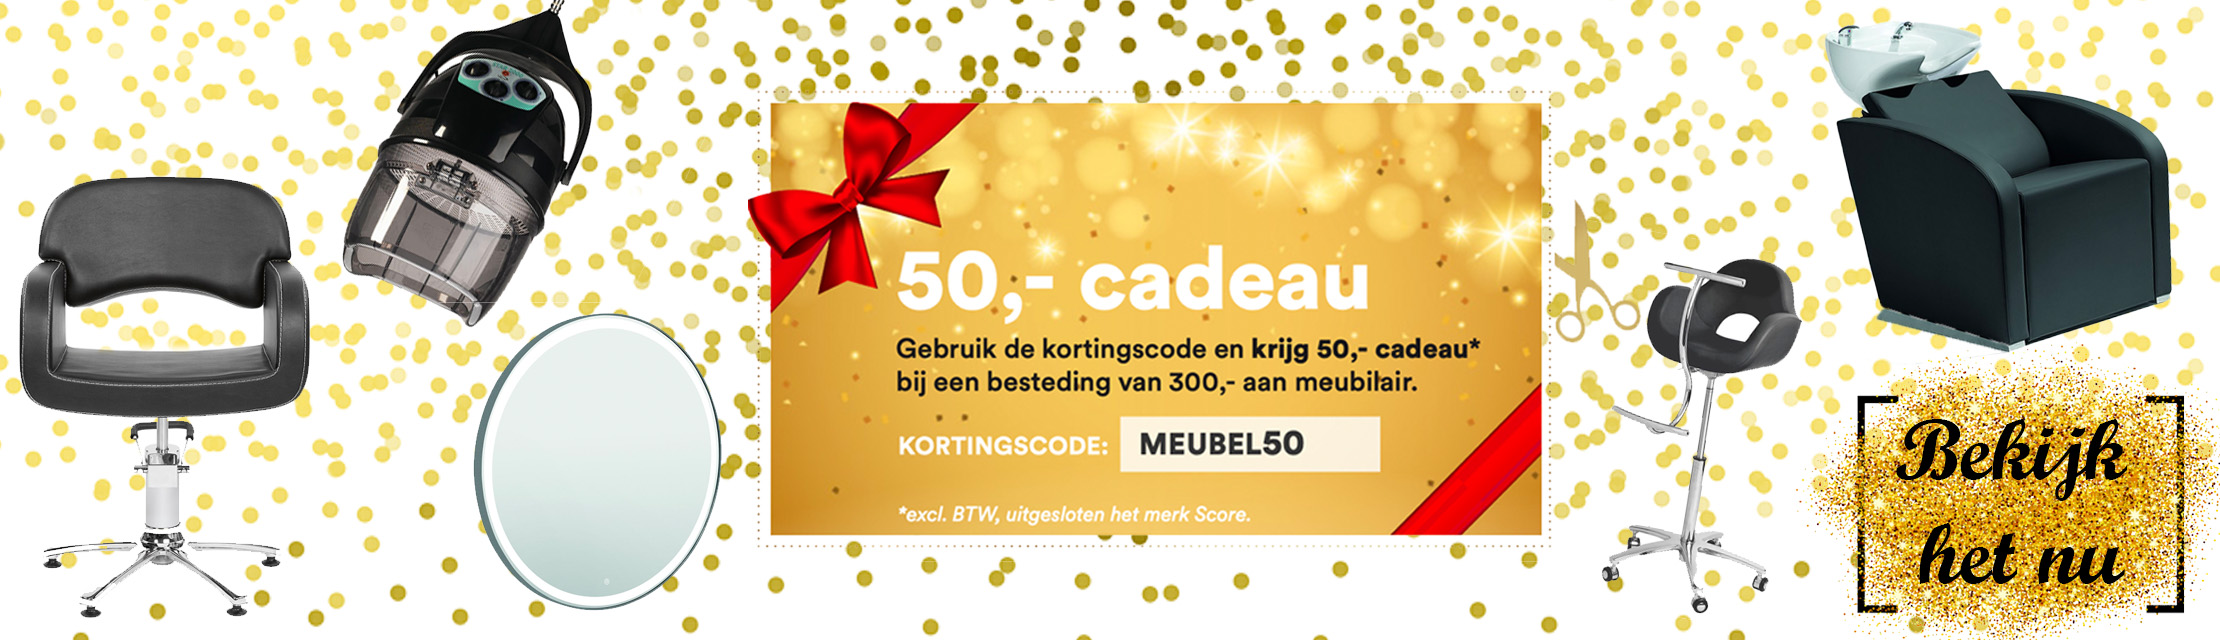 €50,- cadeau op meubilair